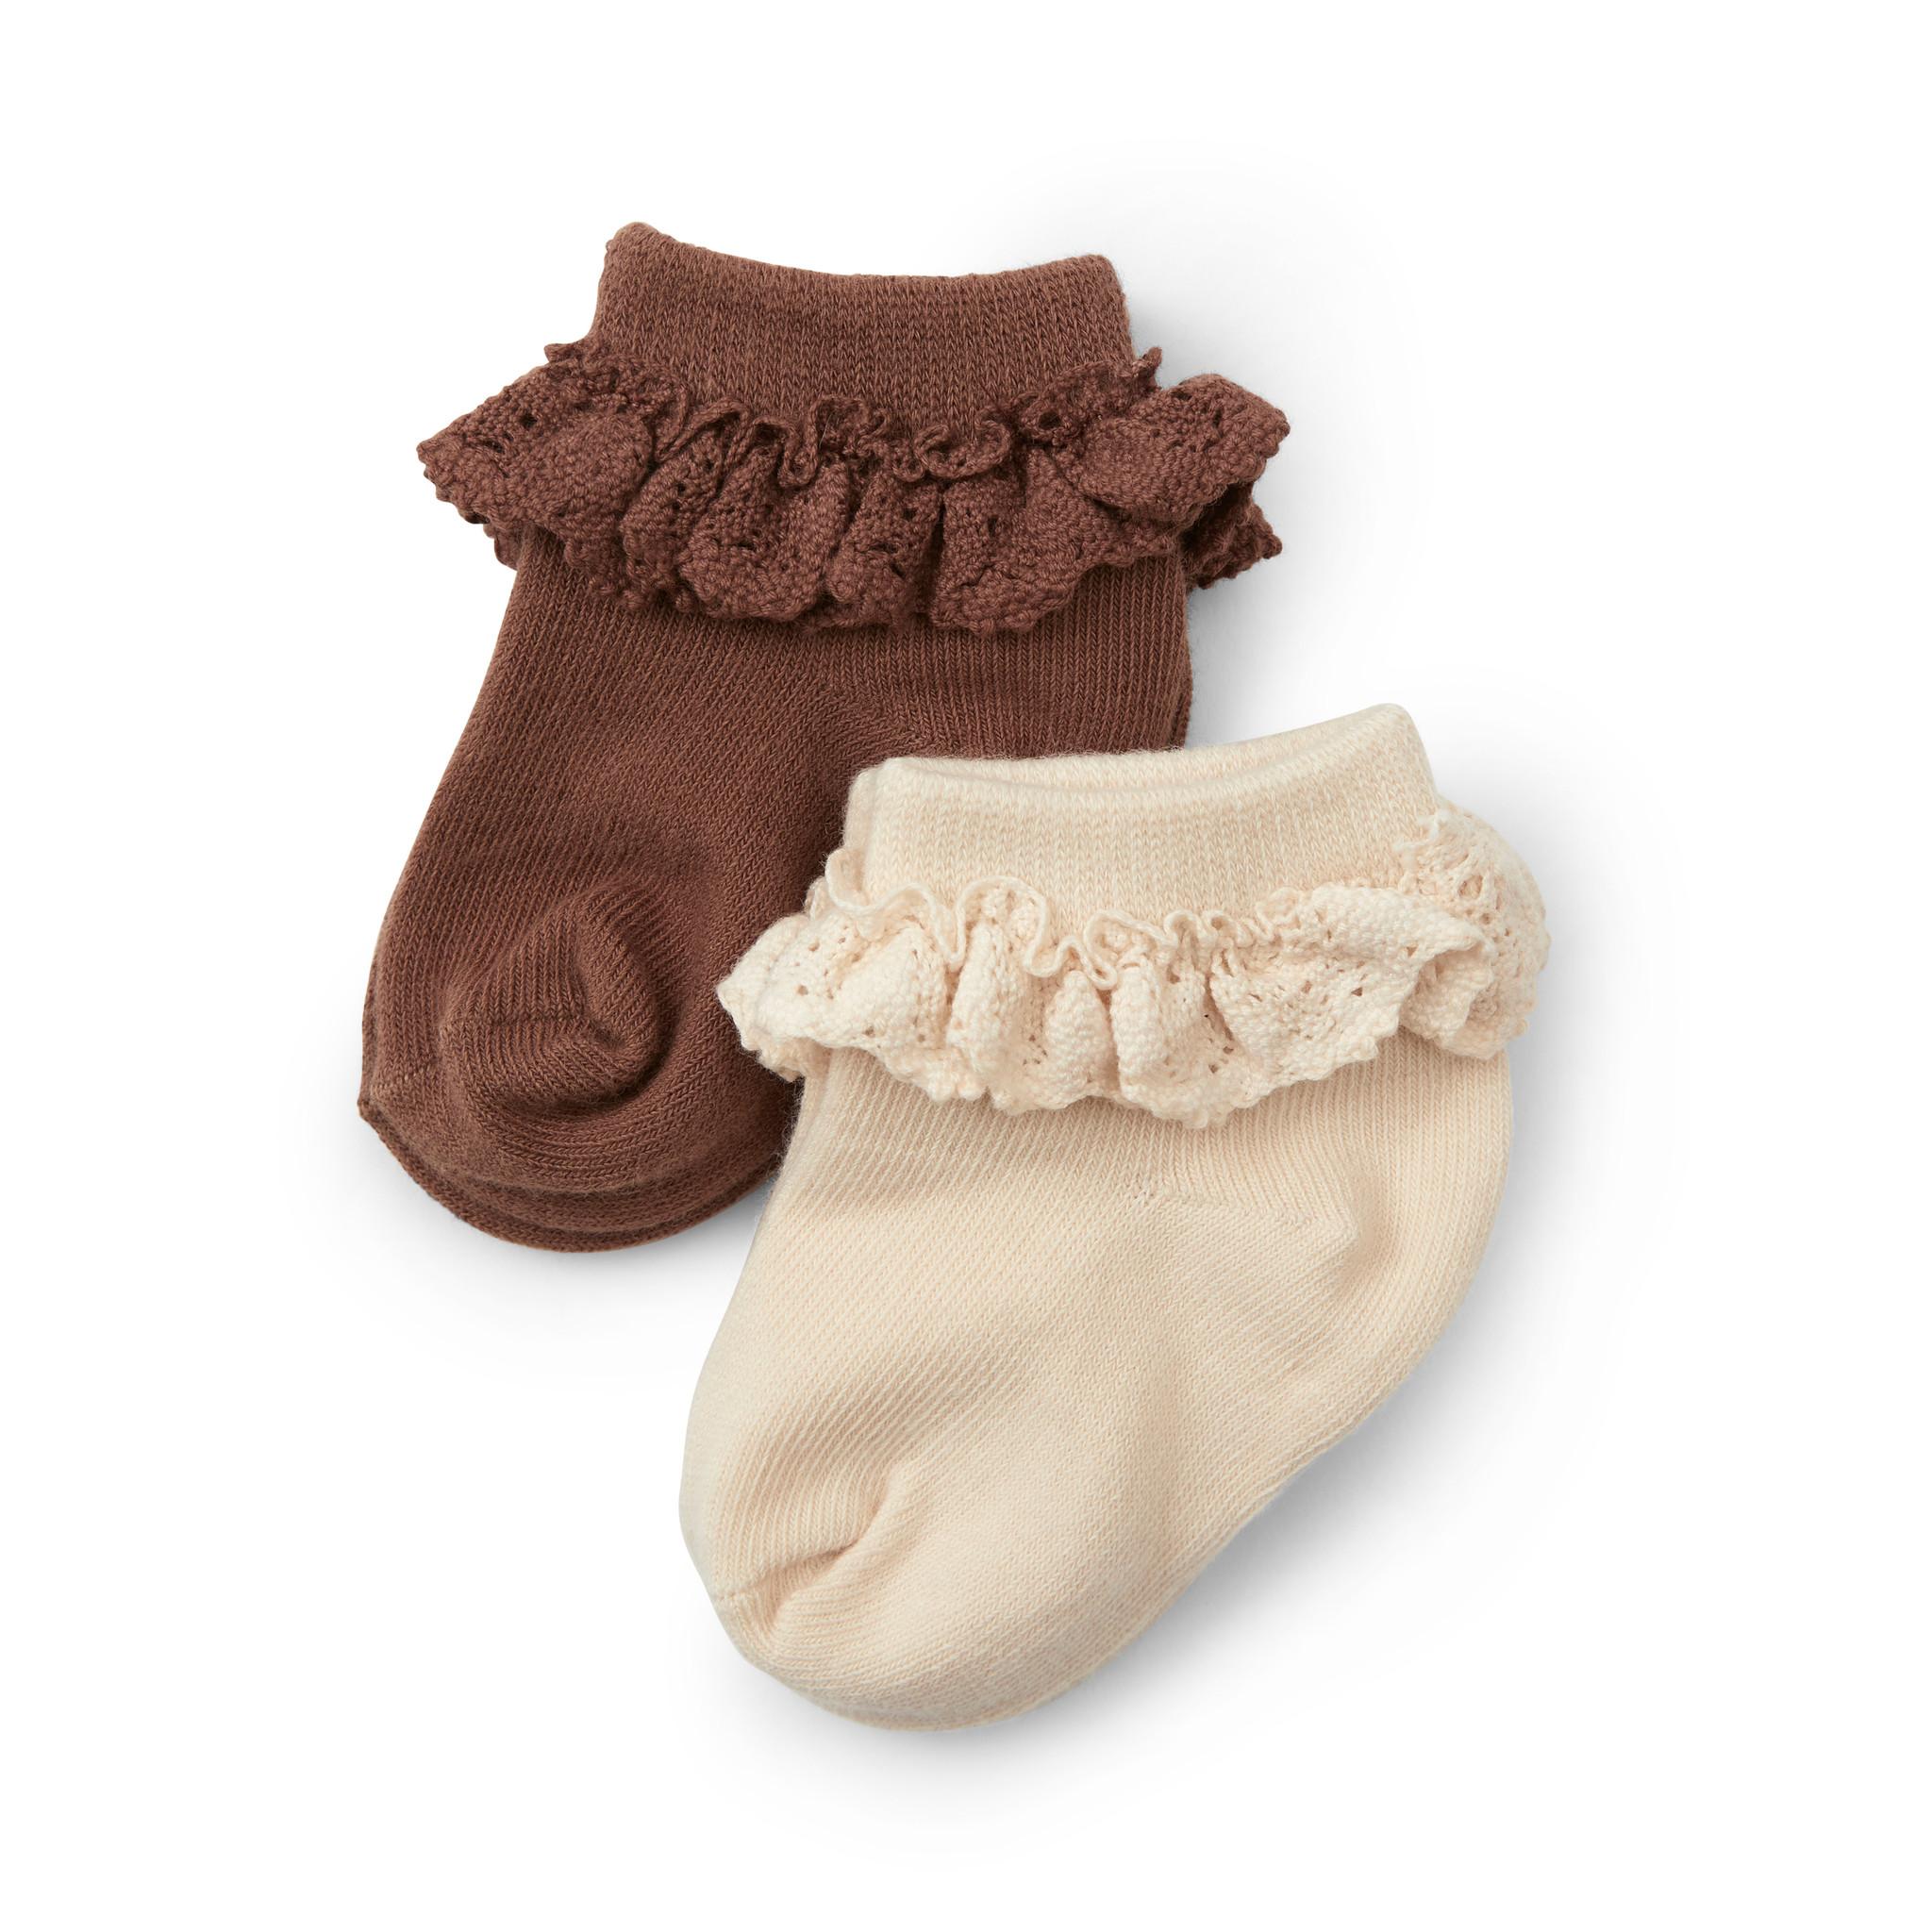 Konges Slojd set van 2 paar sokken met ruches - 75% biologisch katoen -  nude / rood bruin - maat 22 tm 35